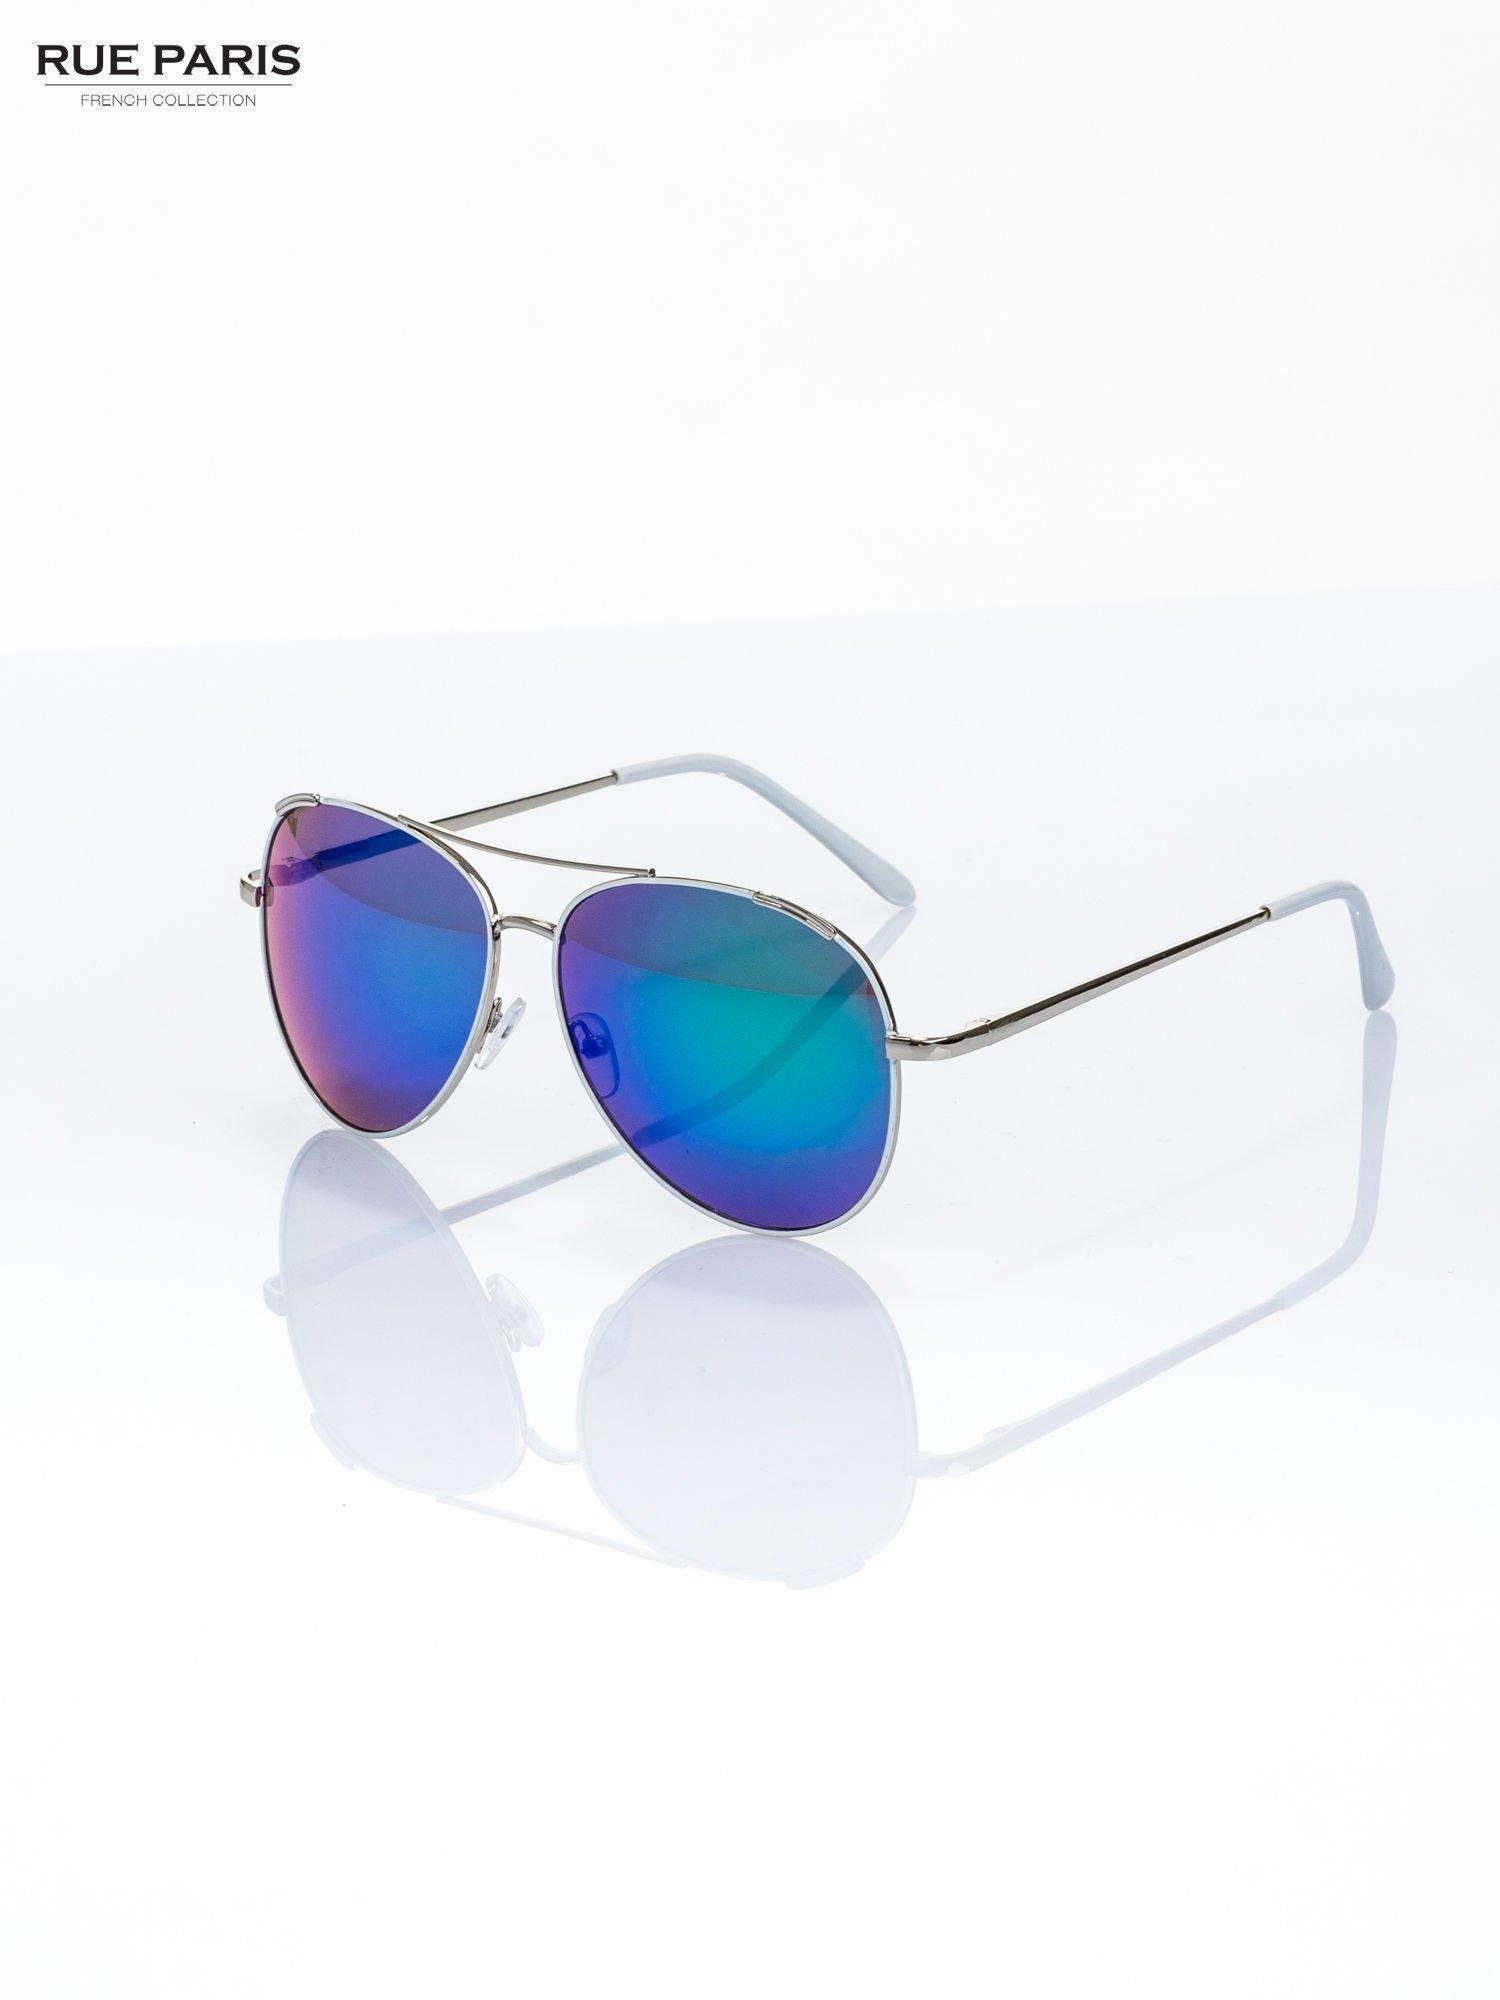 Białe okulary przeciwsłoneczne pilotki typu AVIATOR                                  zdj.                                  2